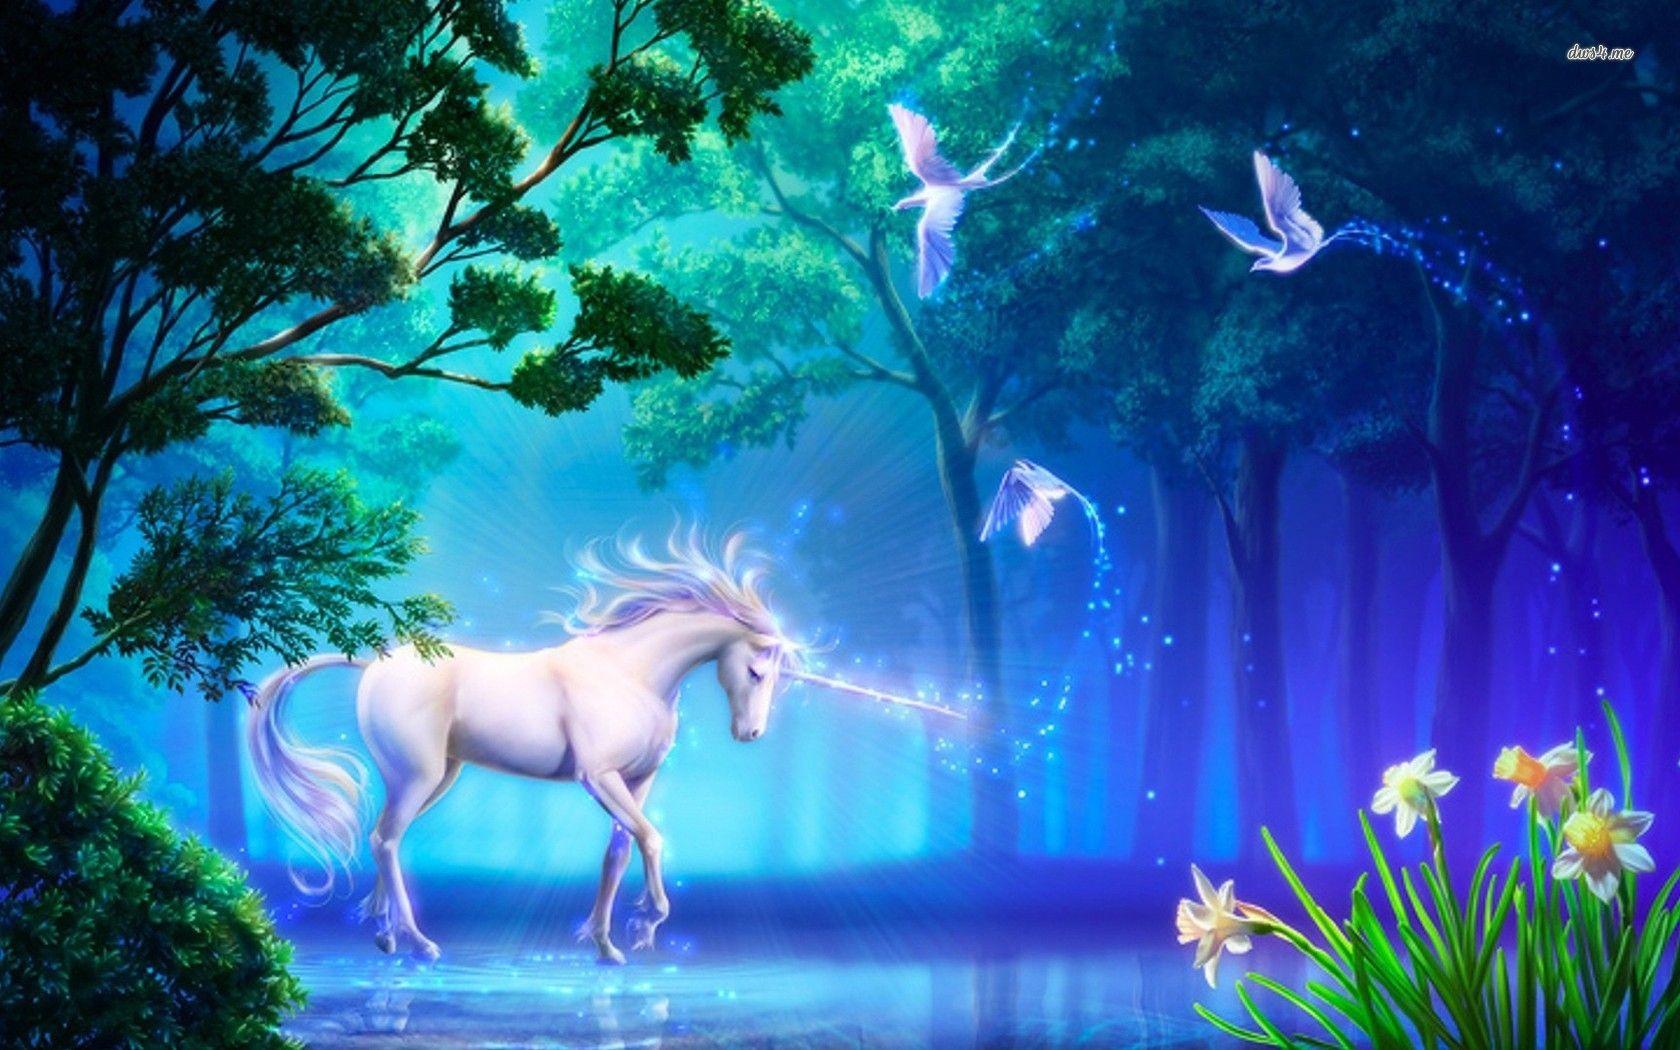 Cool Wallpaper Horse Unicorn - 4c104d2f5e841a24ec5fffefcef83827  Snapshot_854848.jpg